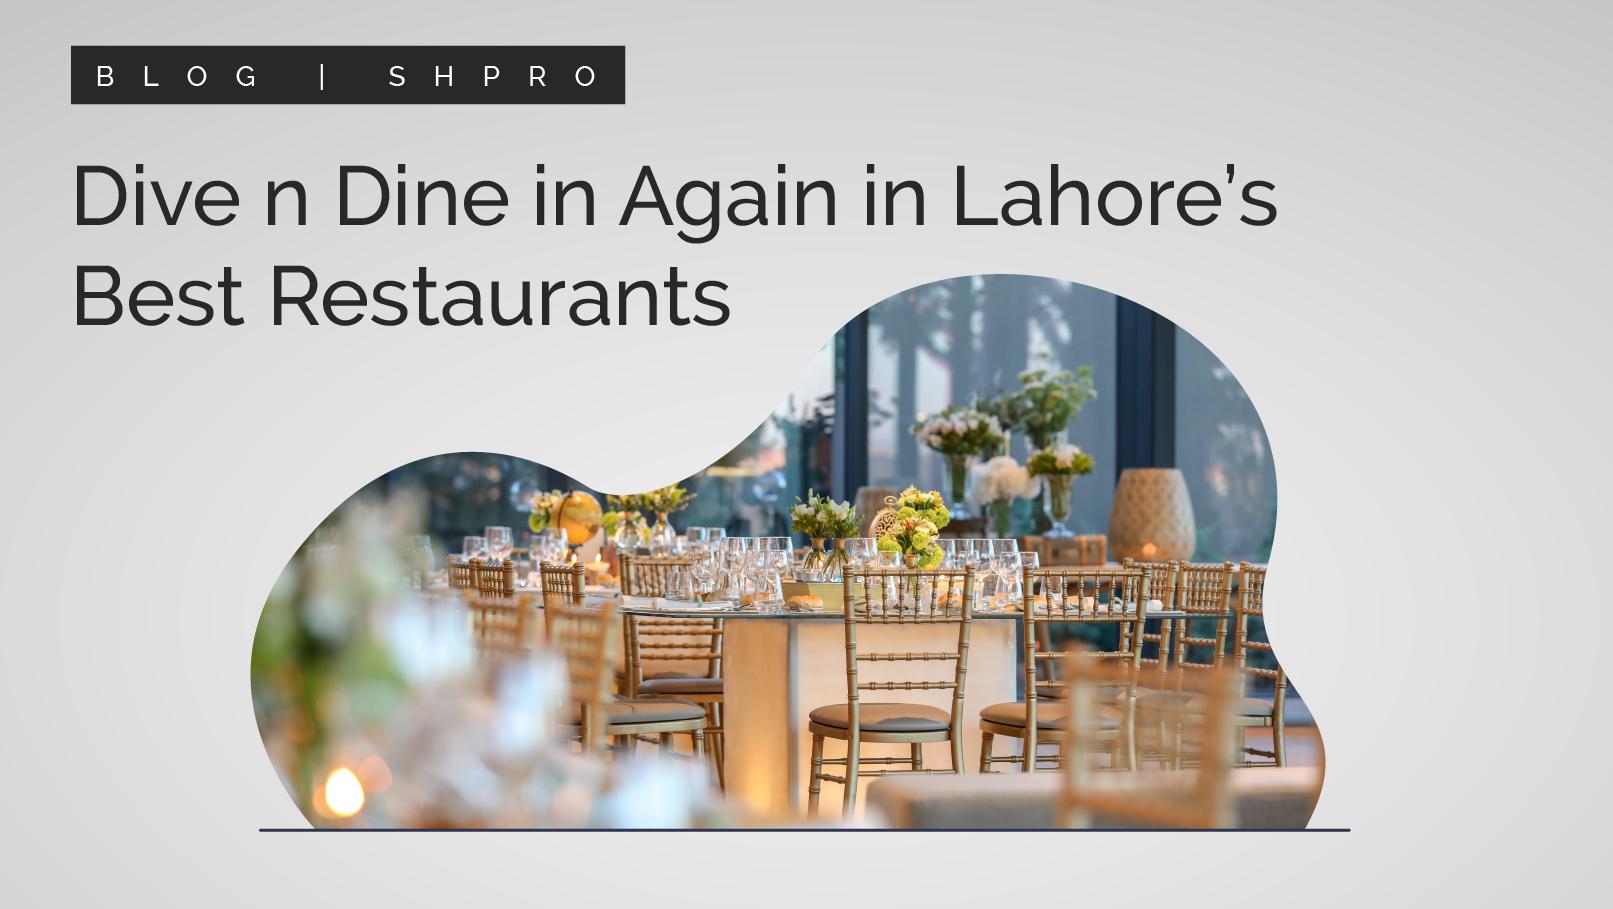 Dive n Dine Again In Lahore's Restaurants